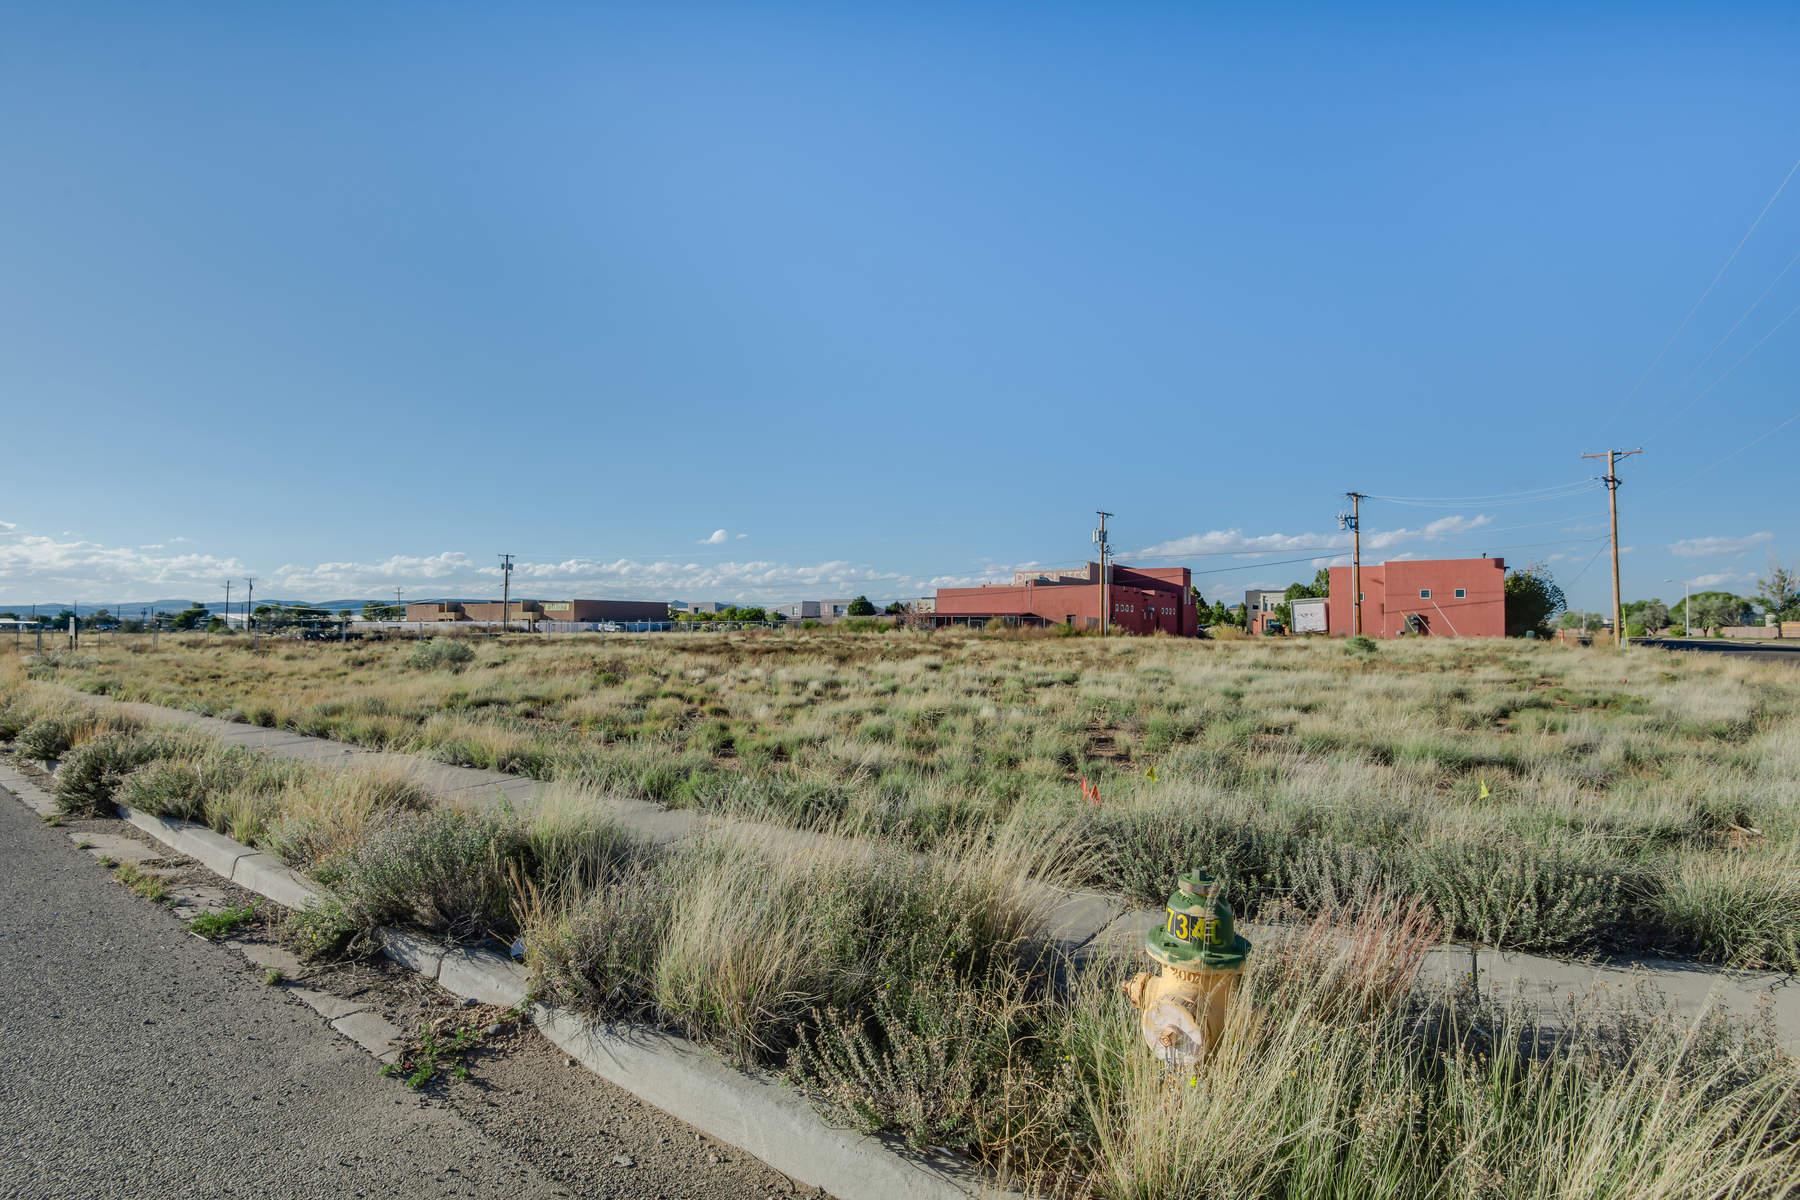 土地,用地 为 销售 在 7509 Gooney Bird Way 圣达非, 新墨西哥州, 87507 美国